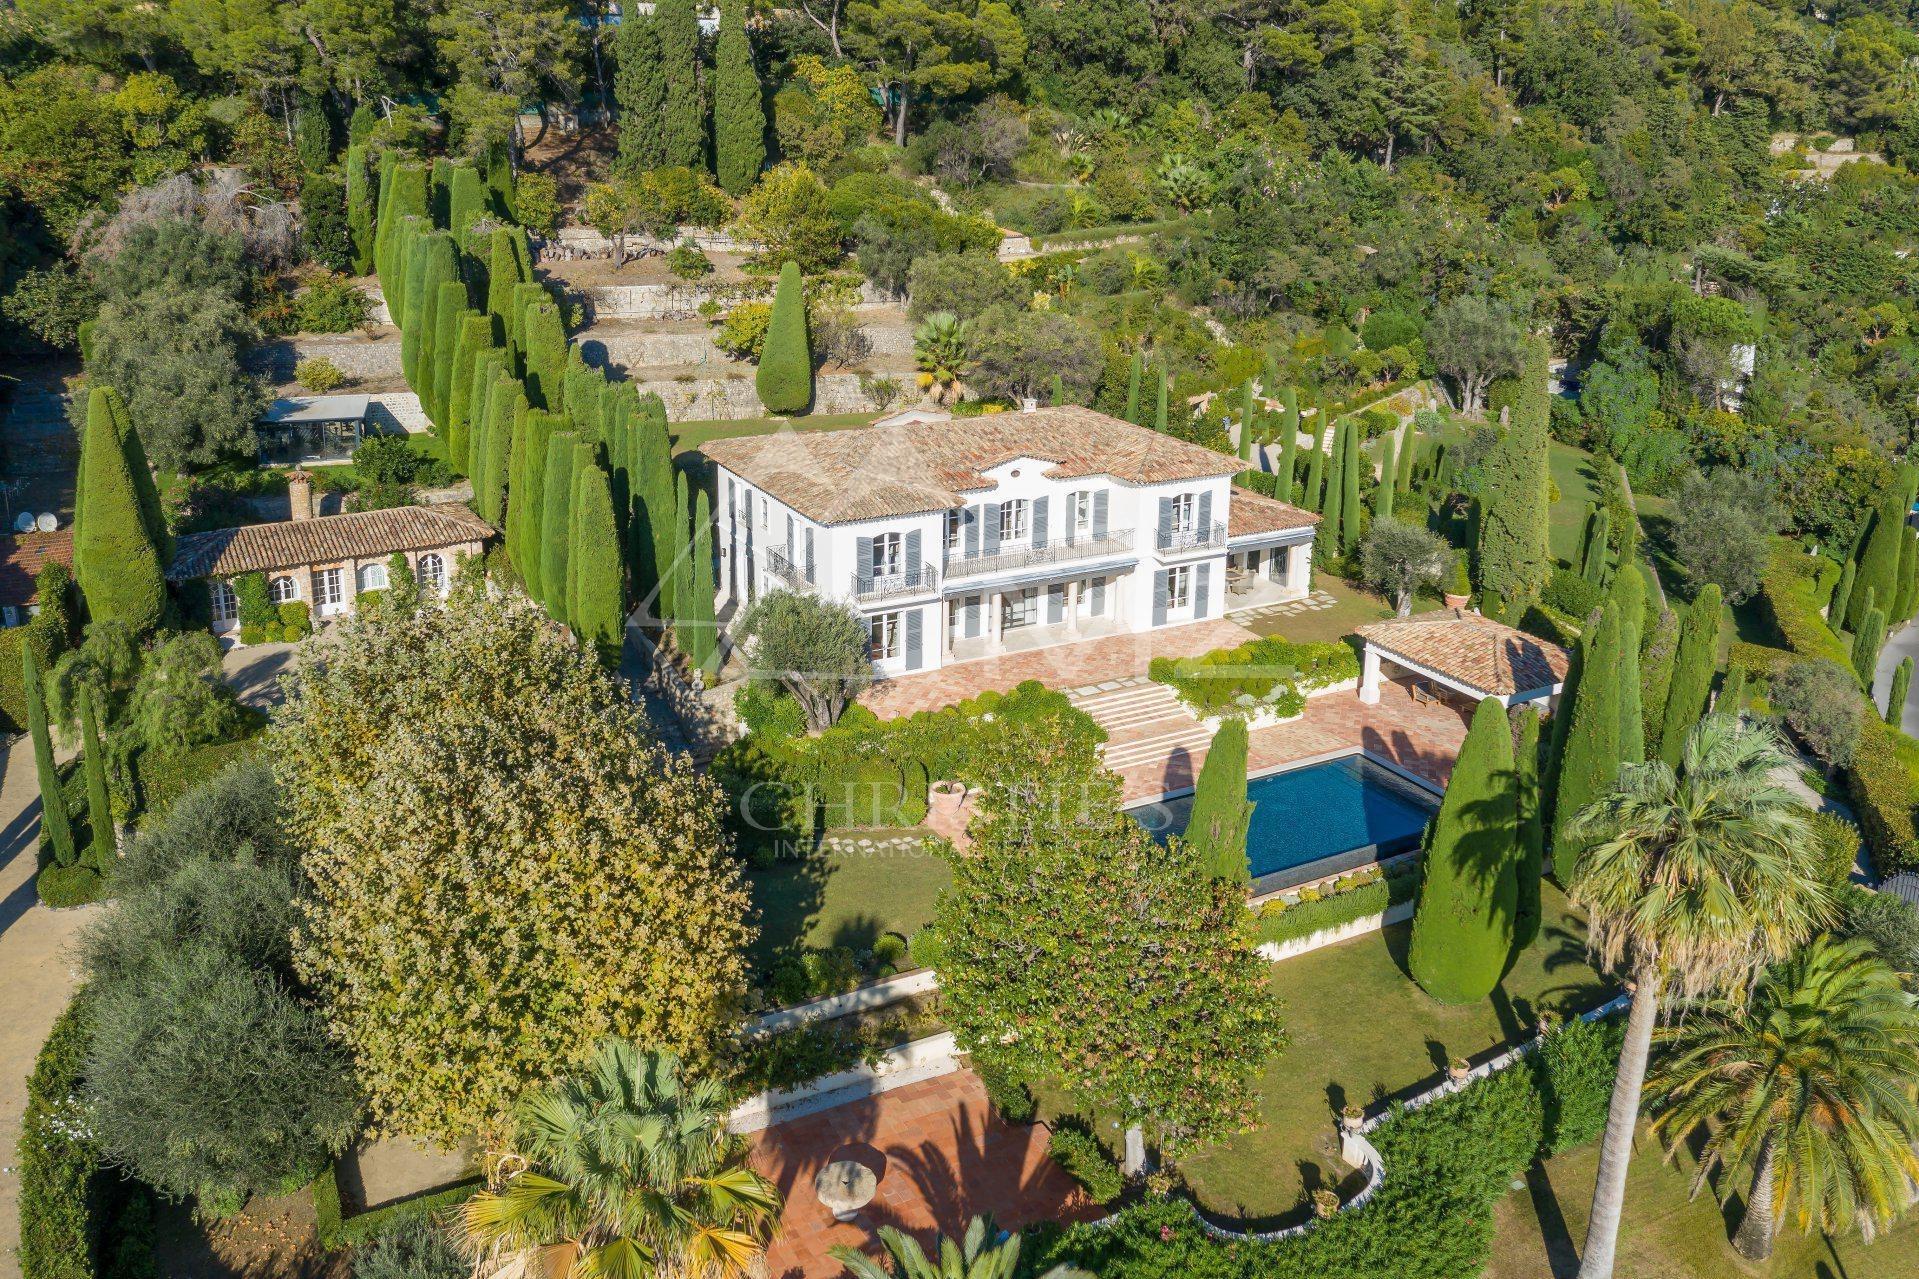 Villa in Cannes, Provence-Alpes-Côte d'Azur, France 1 - 10651418